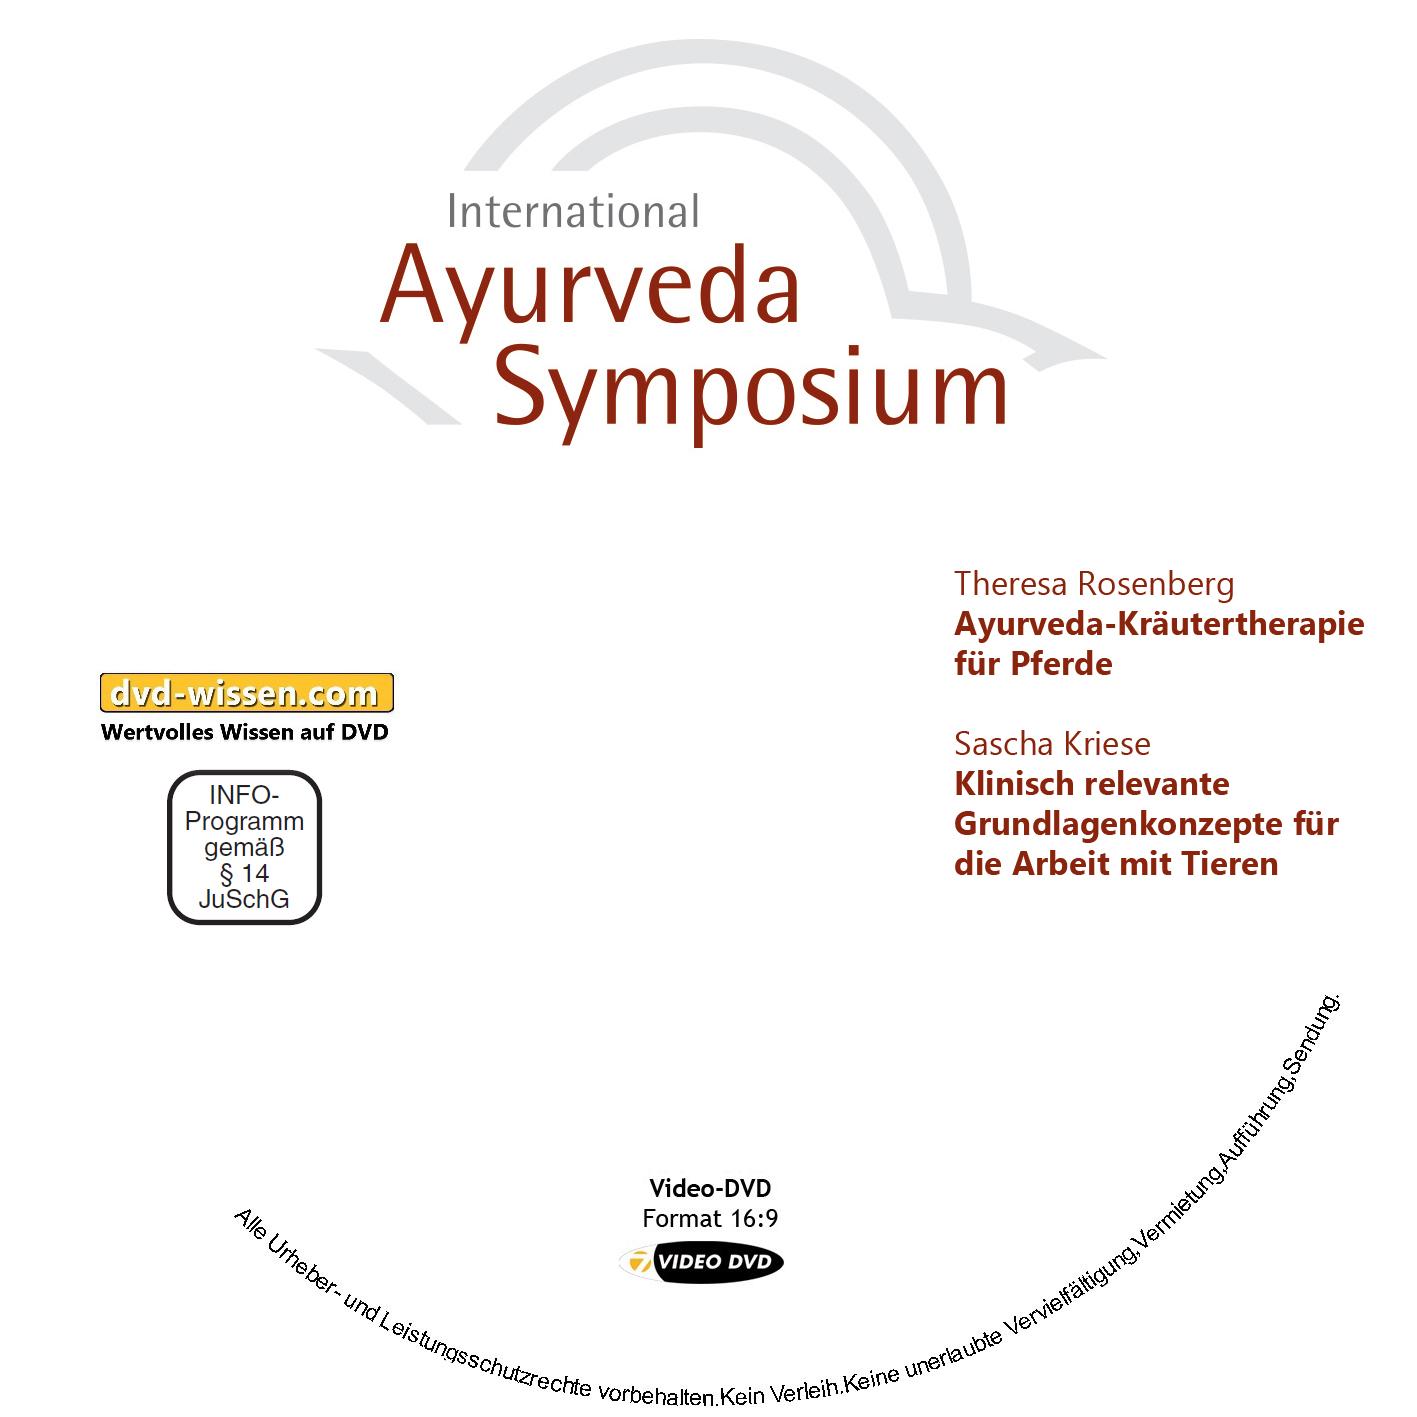 Theresa Rosenberg / Sascha Kriese: Ayurveda-Kräutertherapie für Pferde / Klinisch relevante Grundlagenkonzepte für die Arbeit mit Tieren